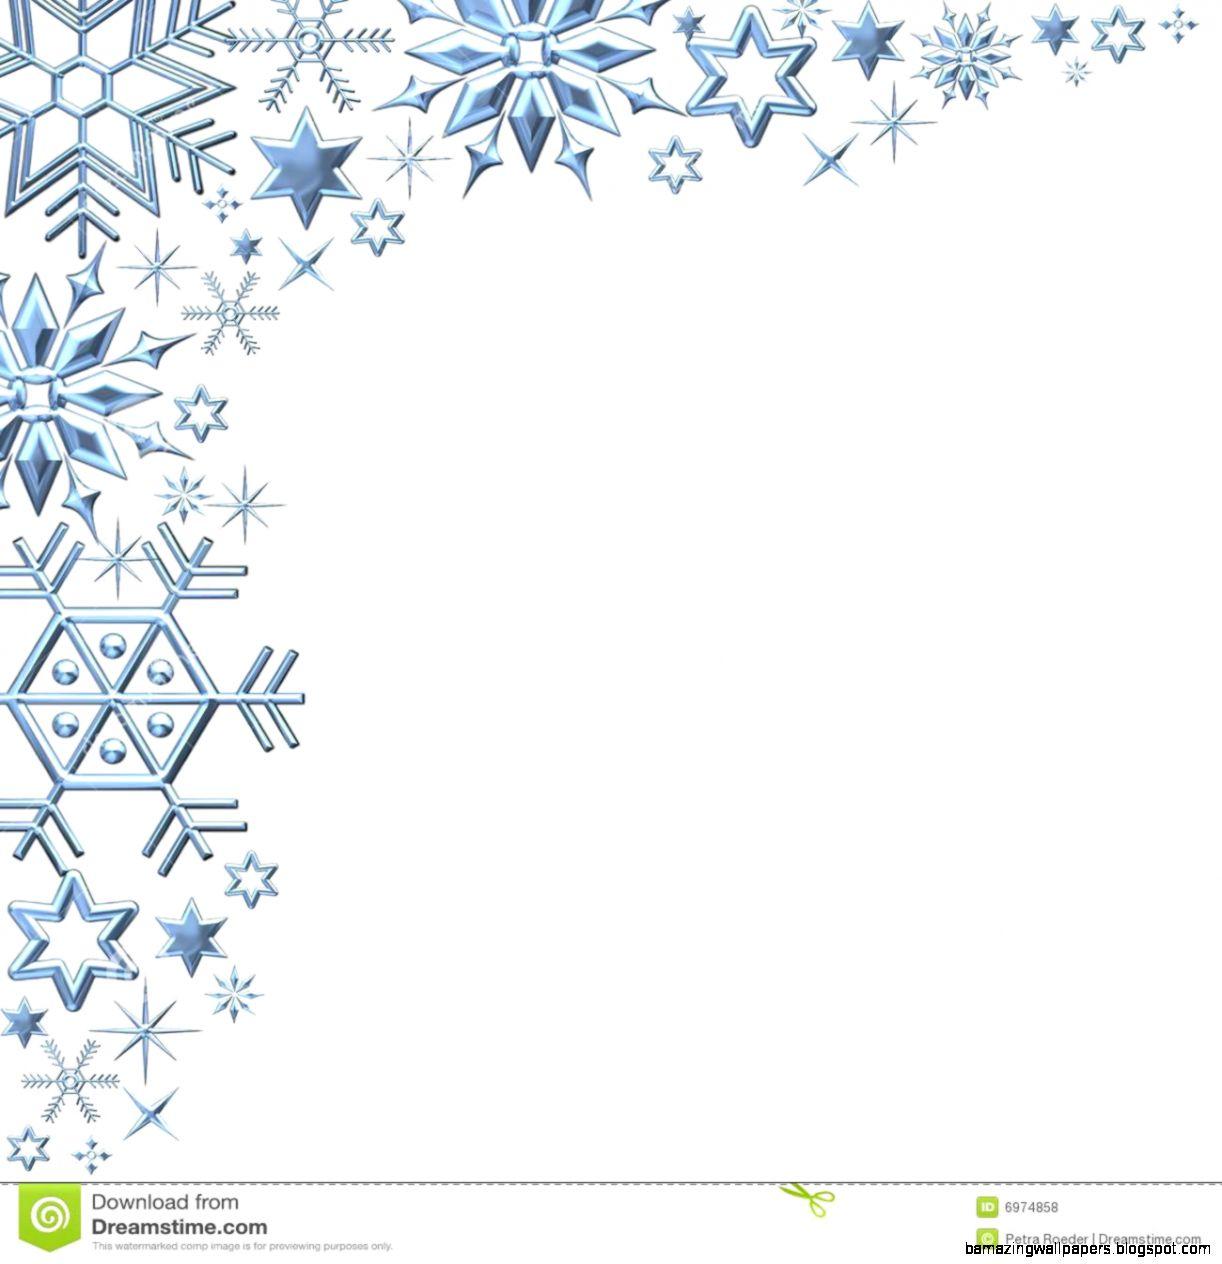 free winter border clip art snowflakes border white 6974858